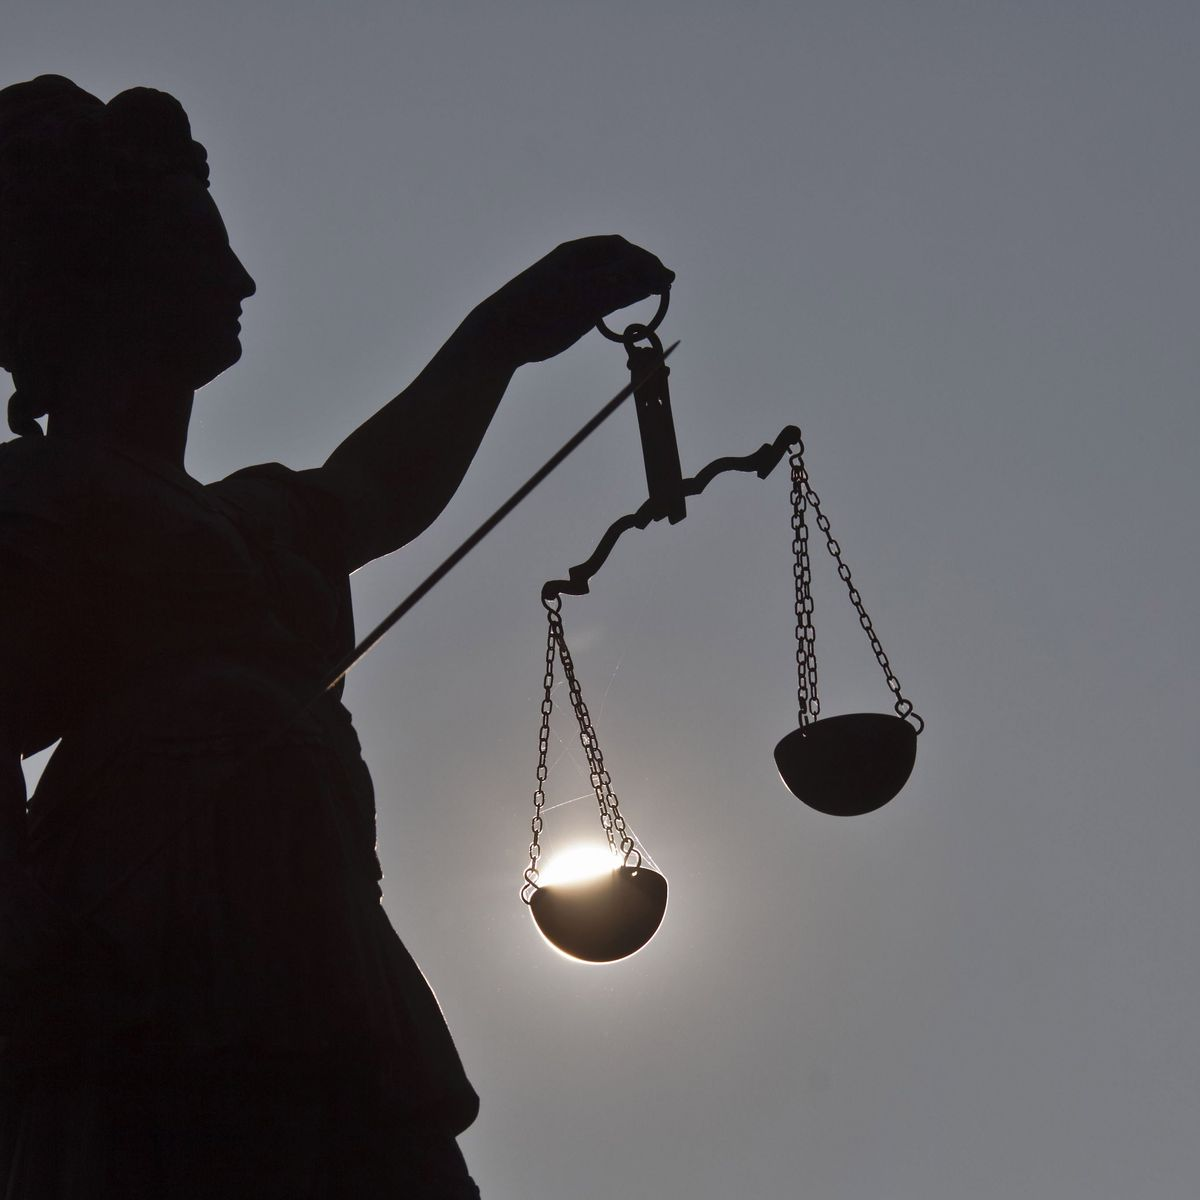 Urteil in den USA: Mann wollte Welpen seiner Ex-Freundin ertränken - Freiheitsstrafe